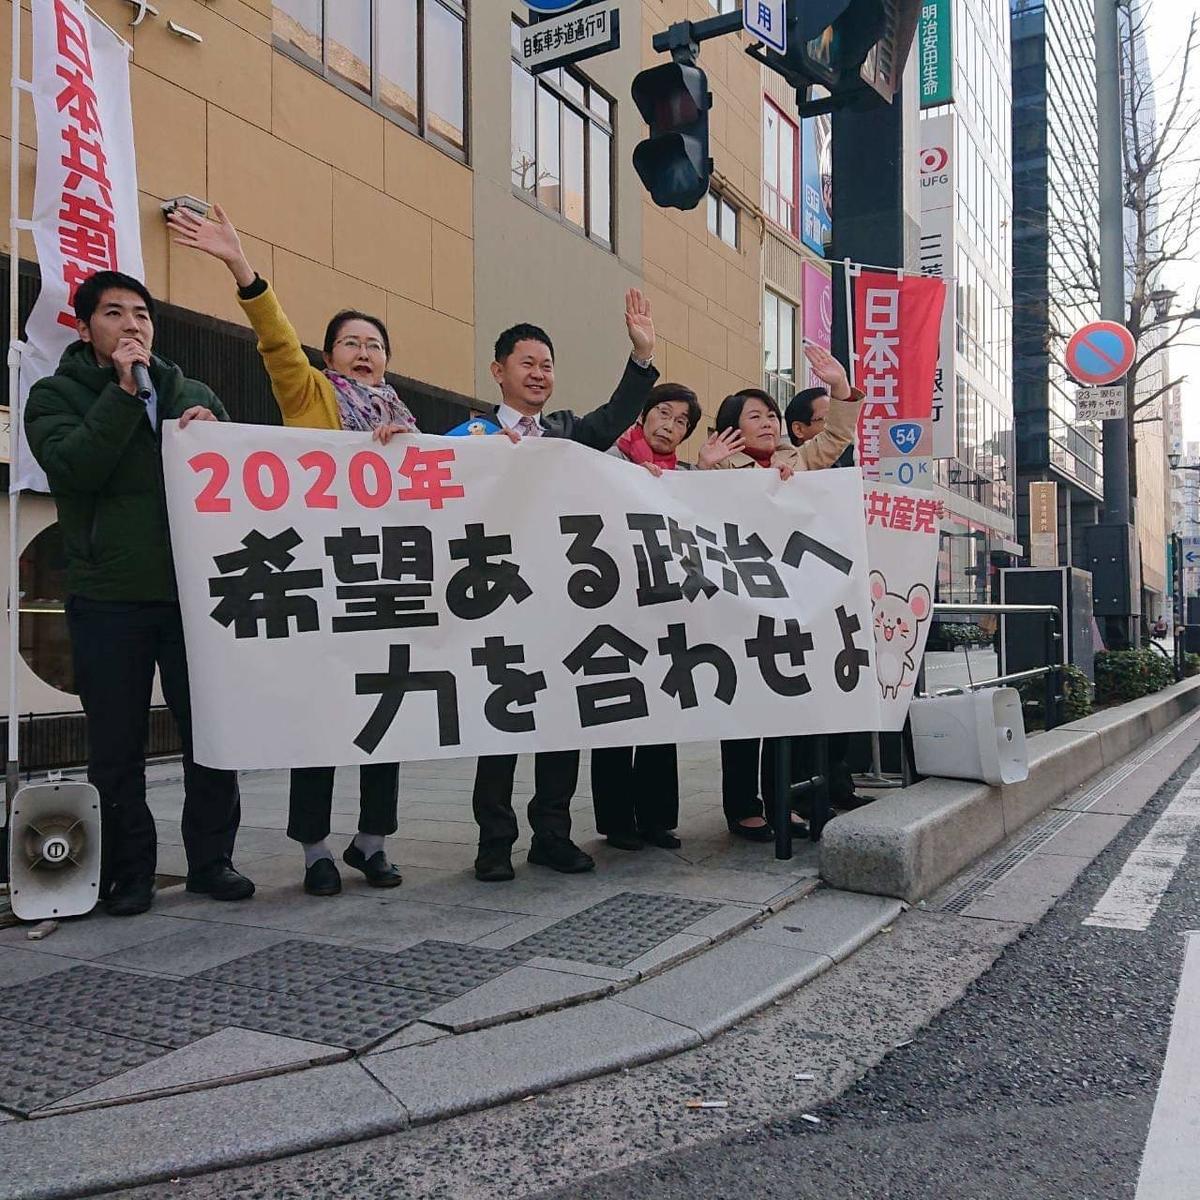 f:id:chikamatsu_satoko:20200103133348j:plain